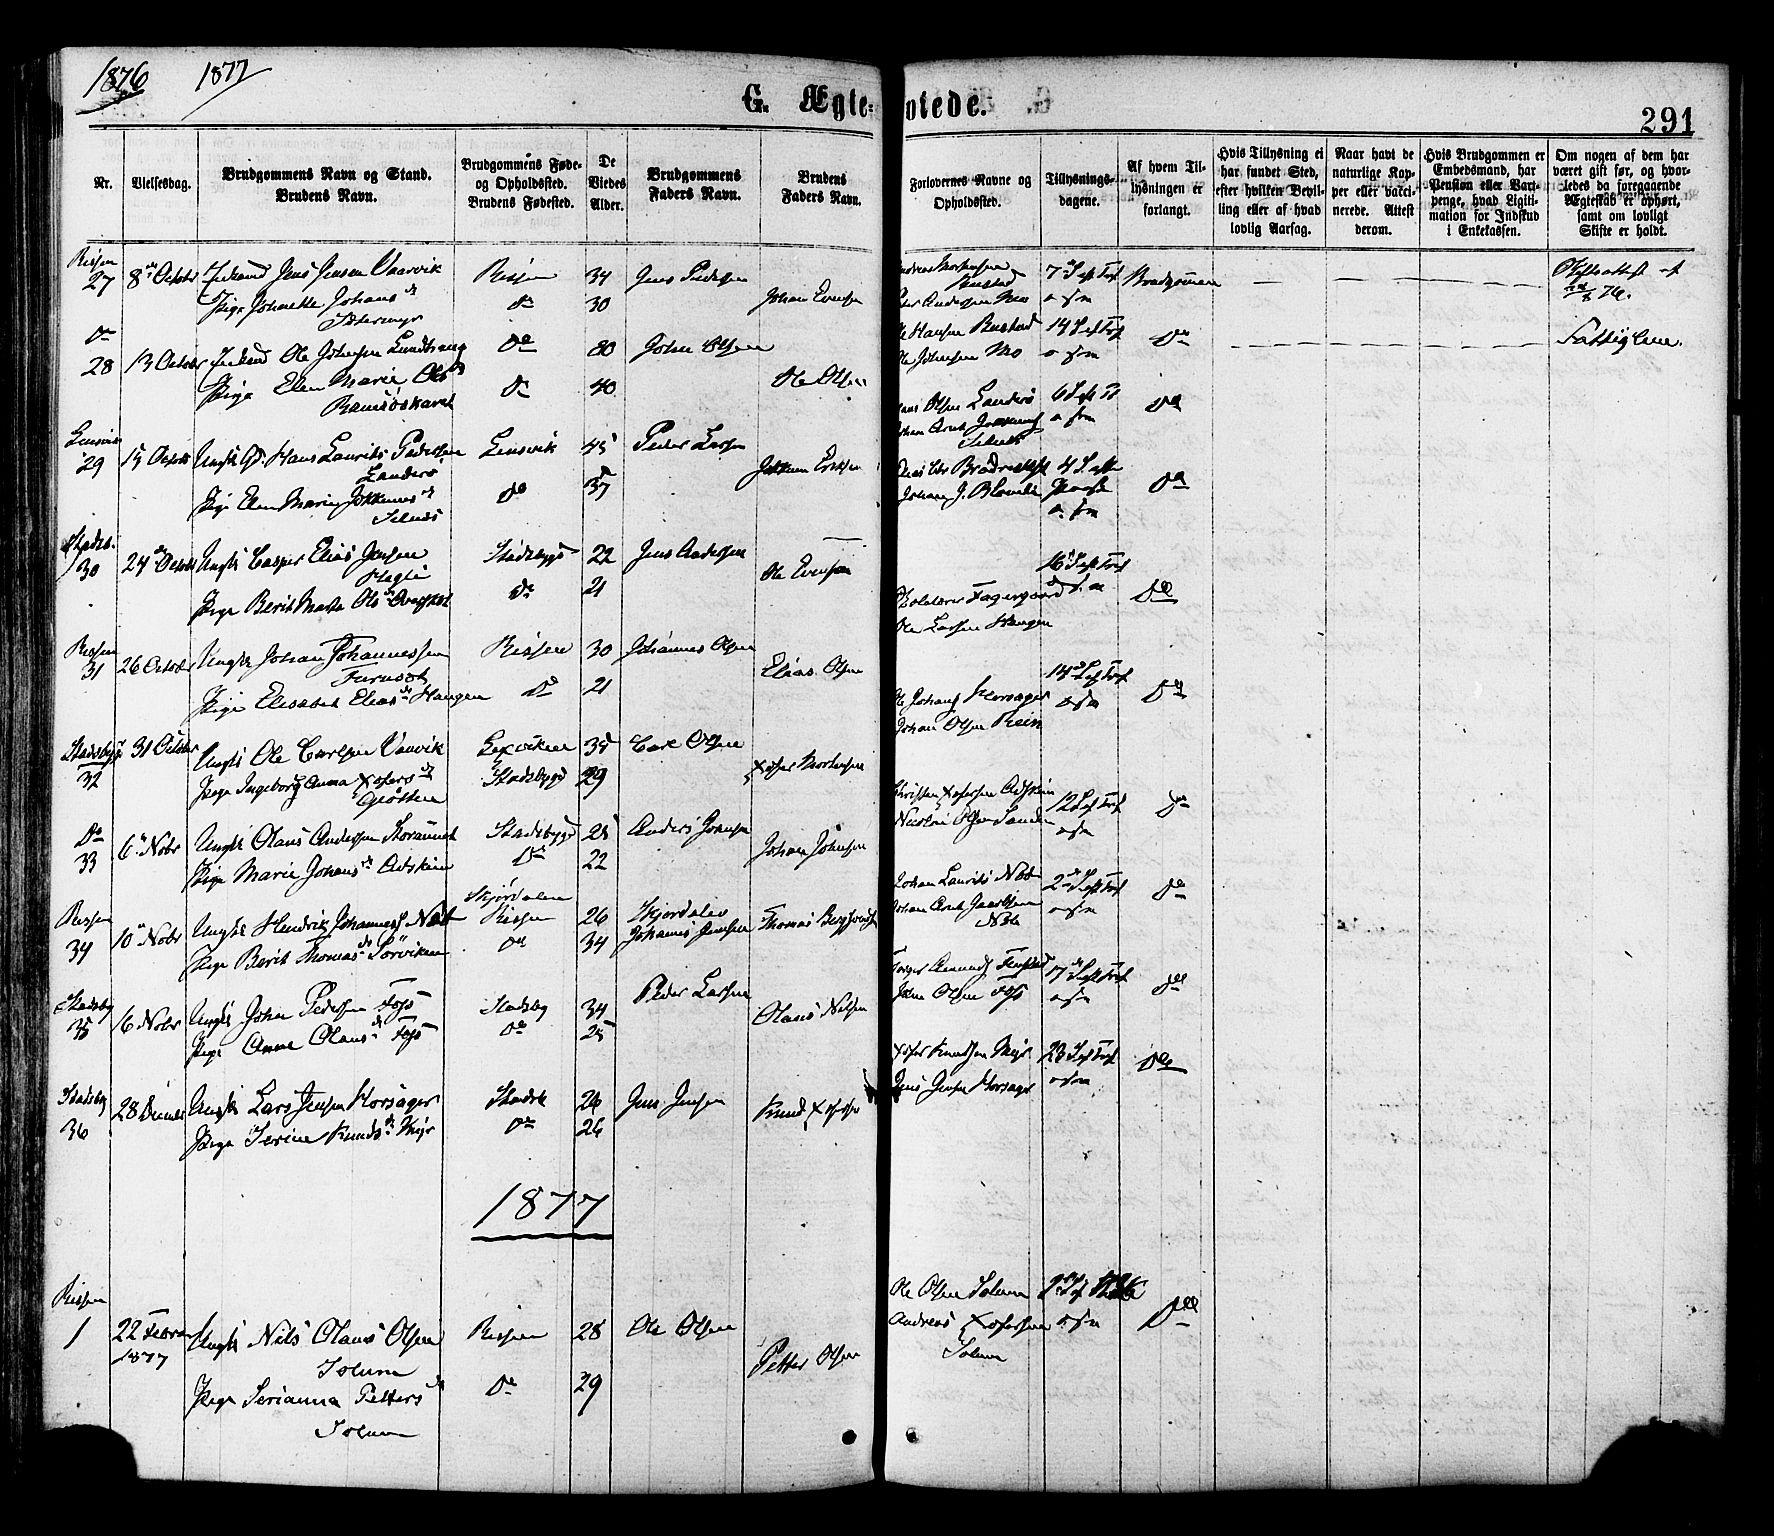 SAT, Ministerialprotokoller, klokkerbøker og fødselsregistre - Sør-Trøndelag, 646/L0613: Ministerialbok nr. 646A11, 1870-1884, s. 291